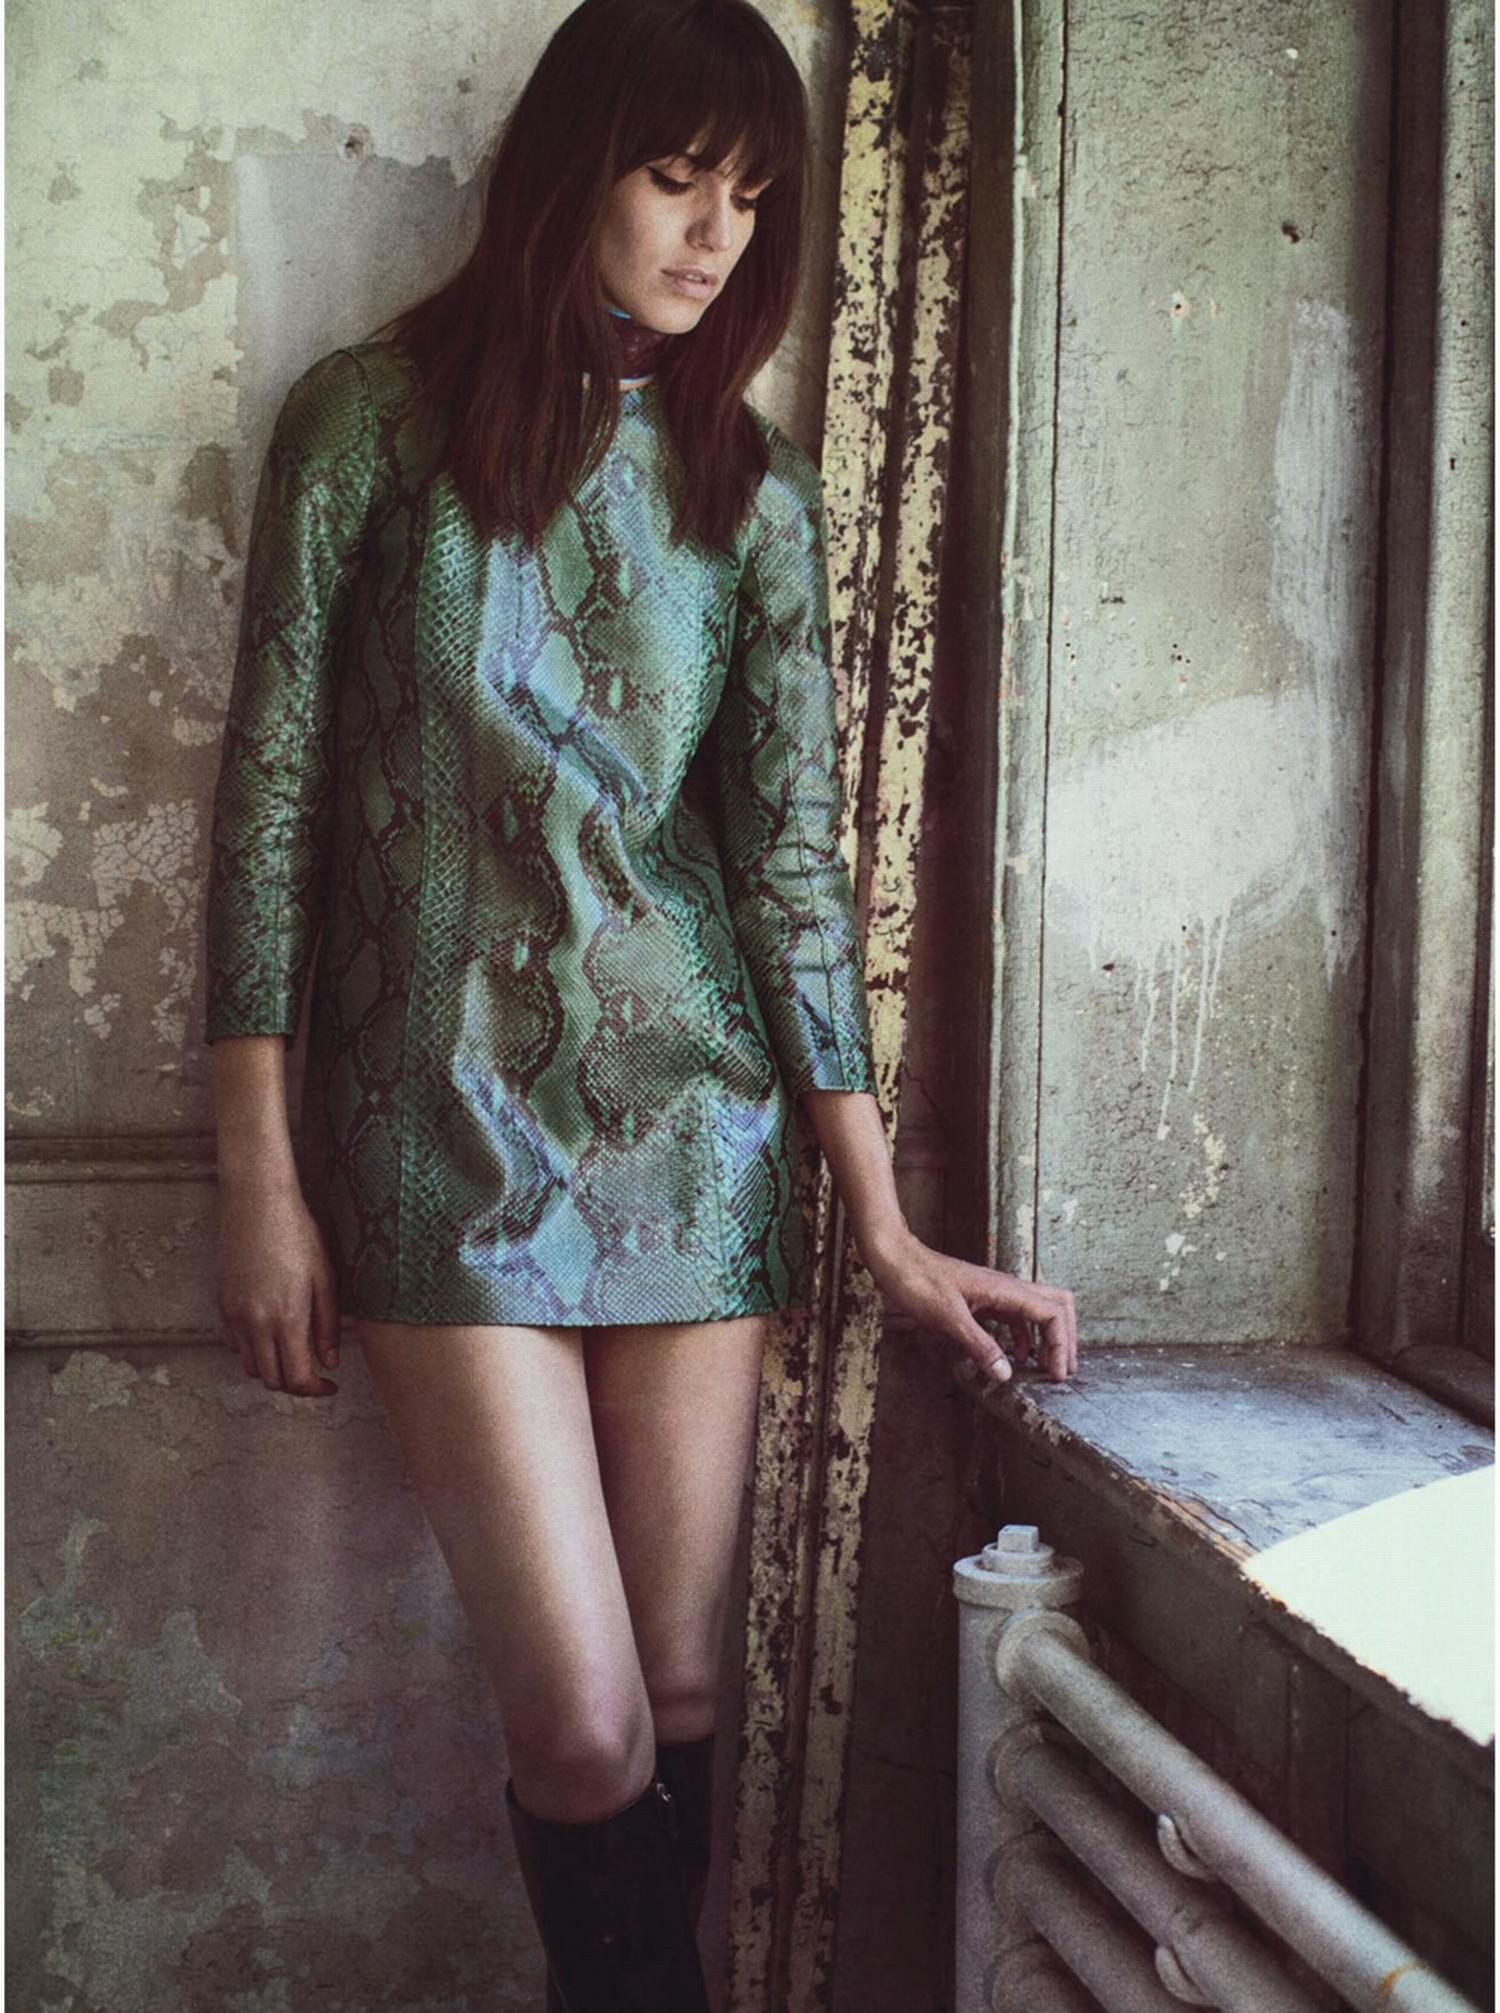 В стиле 70-х: супер короткое платье.